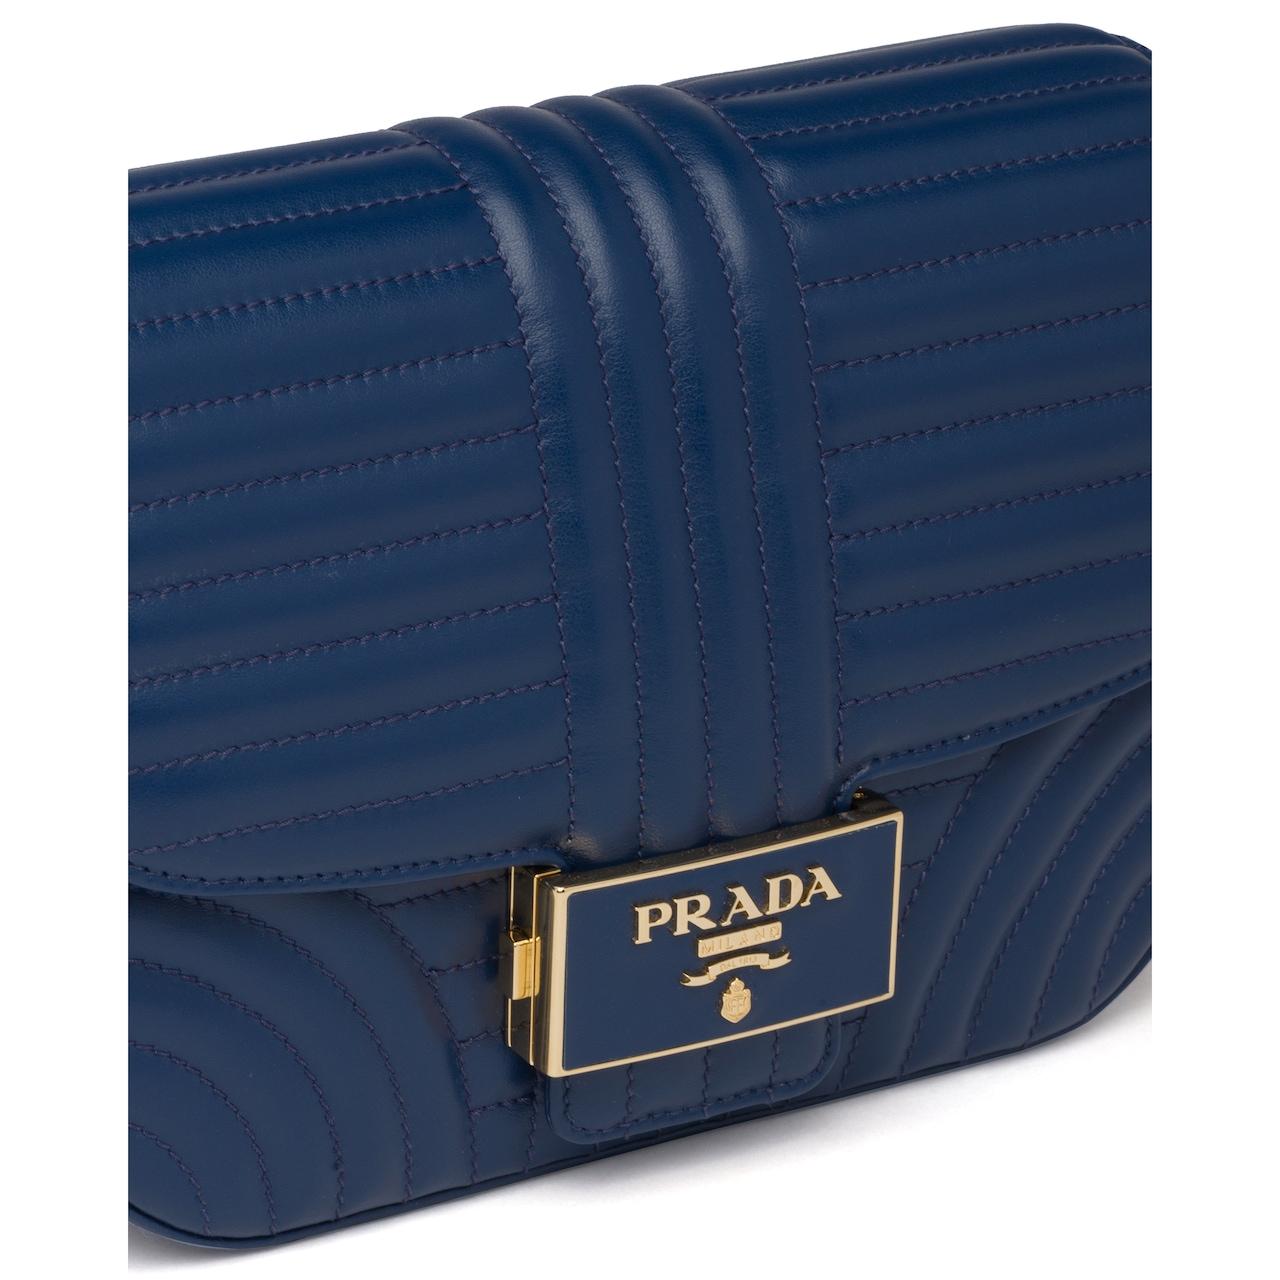 Prada Stitched leather shoulder bag 6